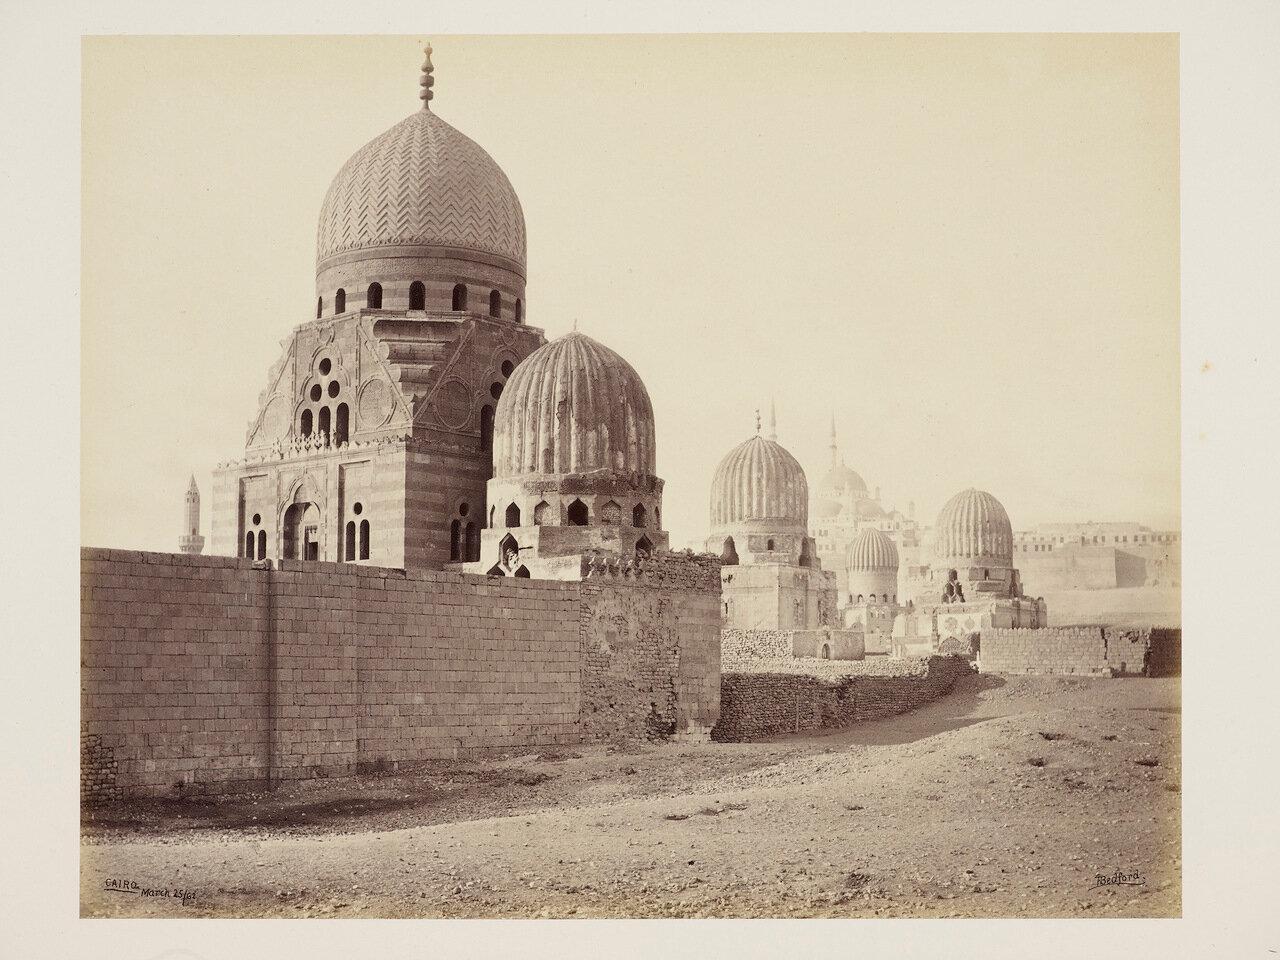 25 марта 1862. Храм мамлюков в Каире